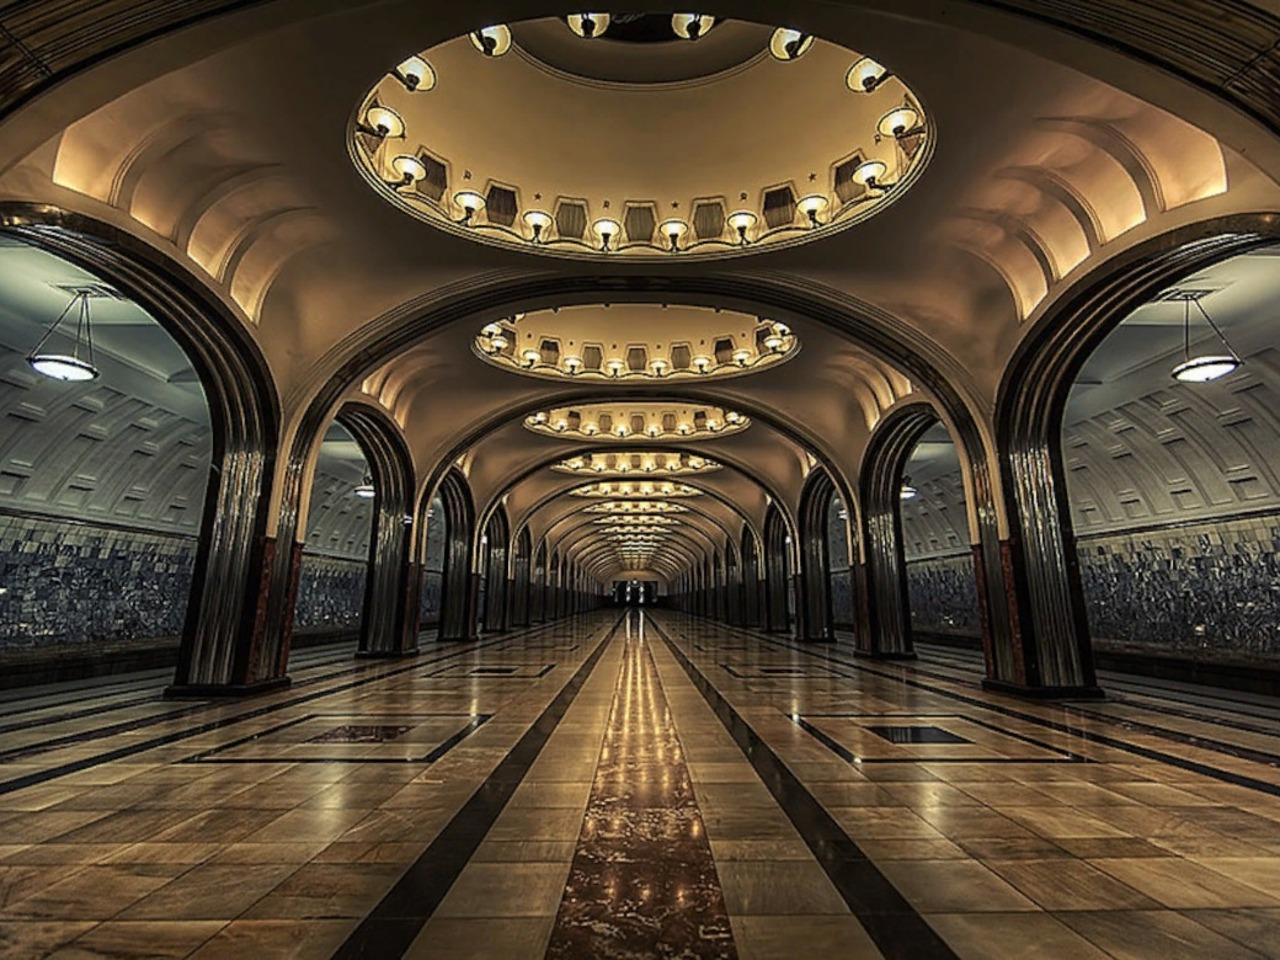 Экскурсия по московскому метро - индивидуальная экскурсия по Москве от опытного гида